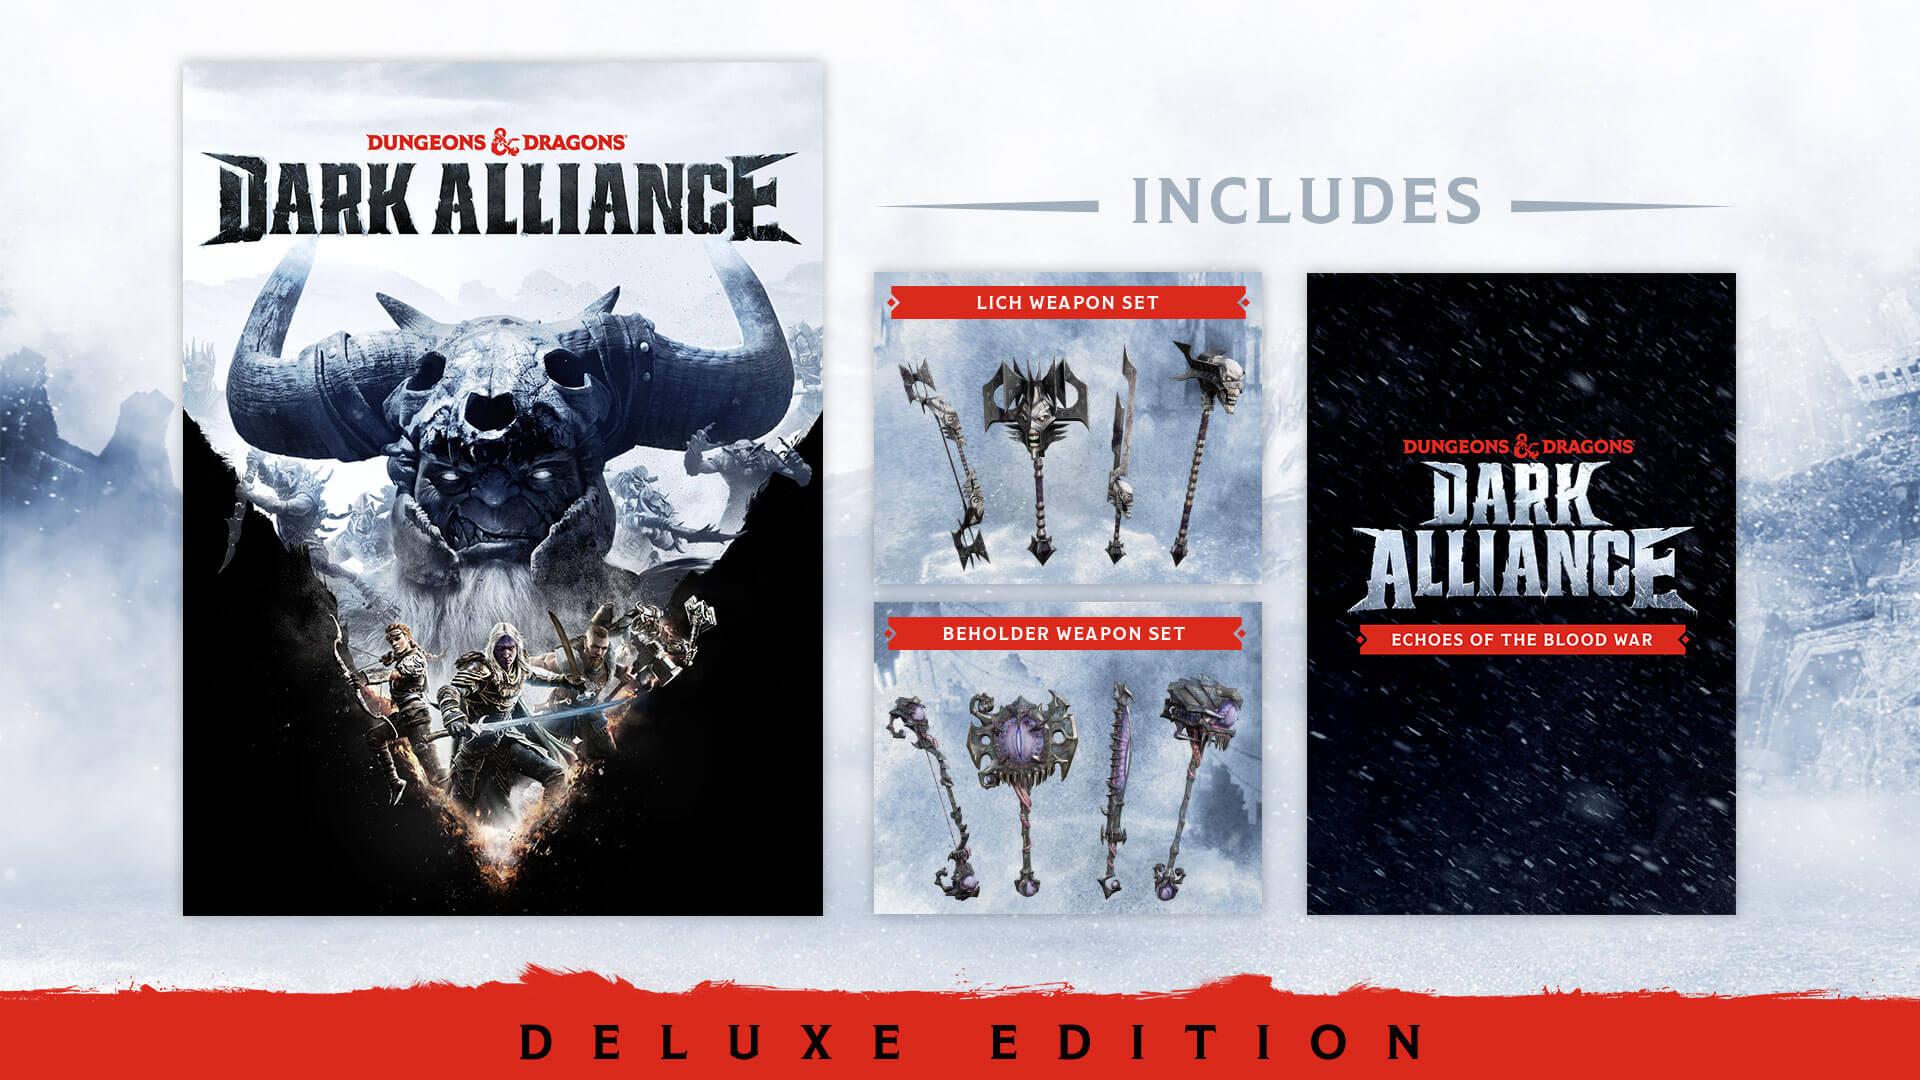 DarkAlliance Epic Deluxe